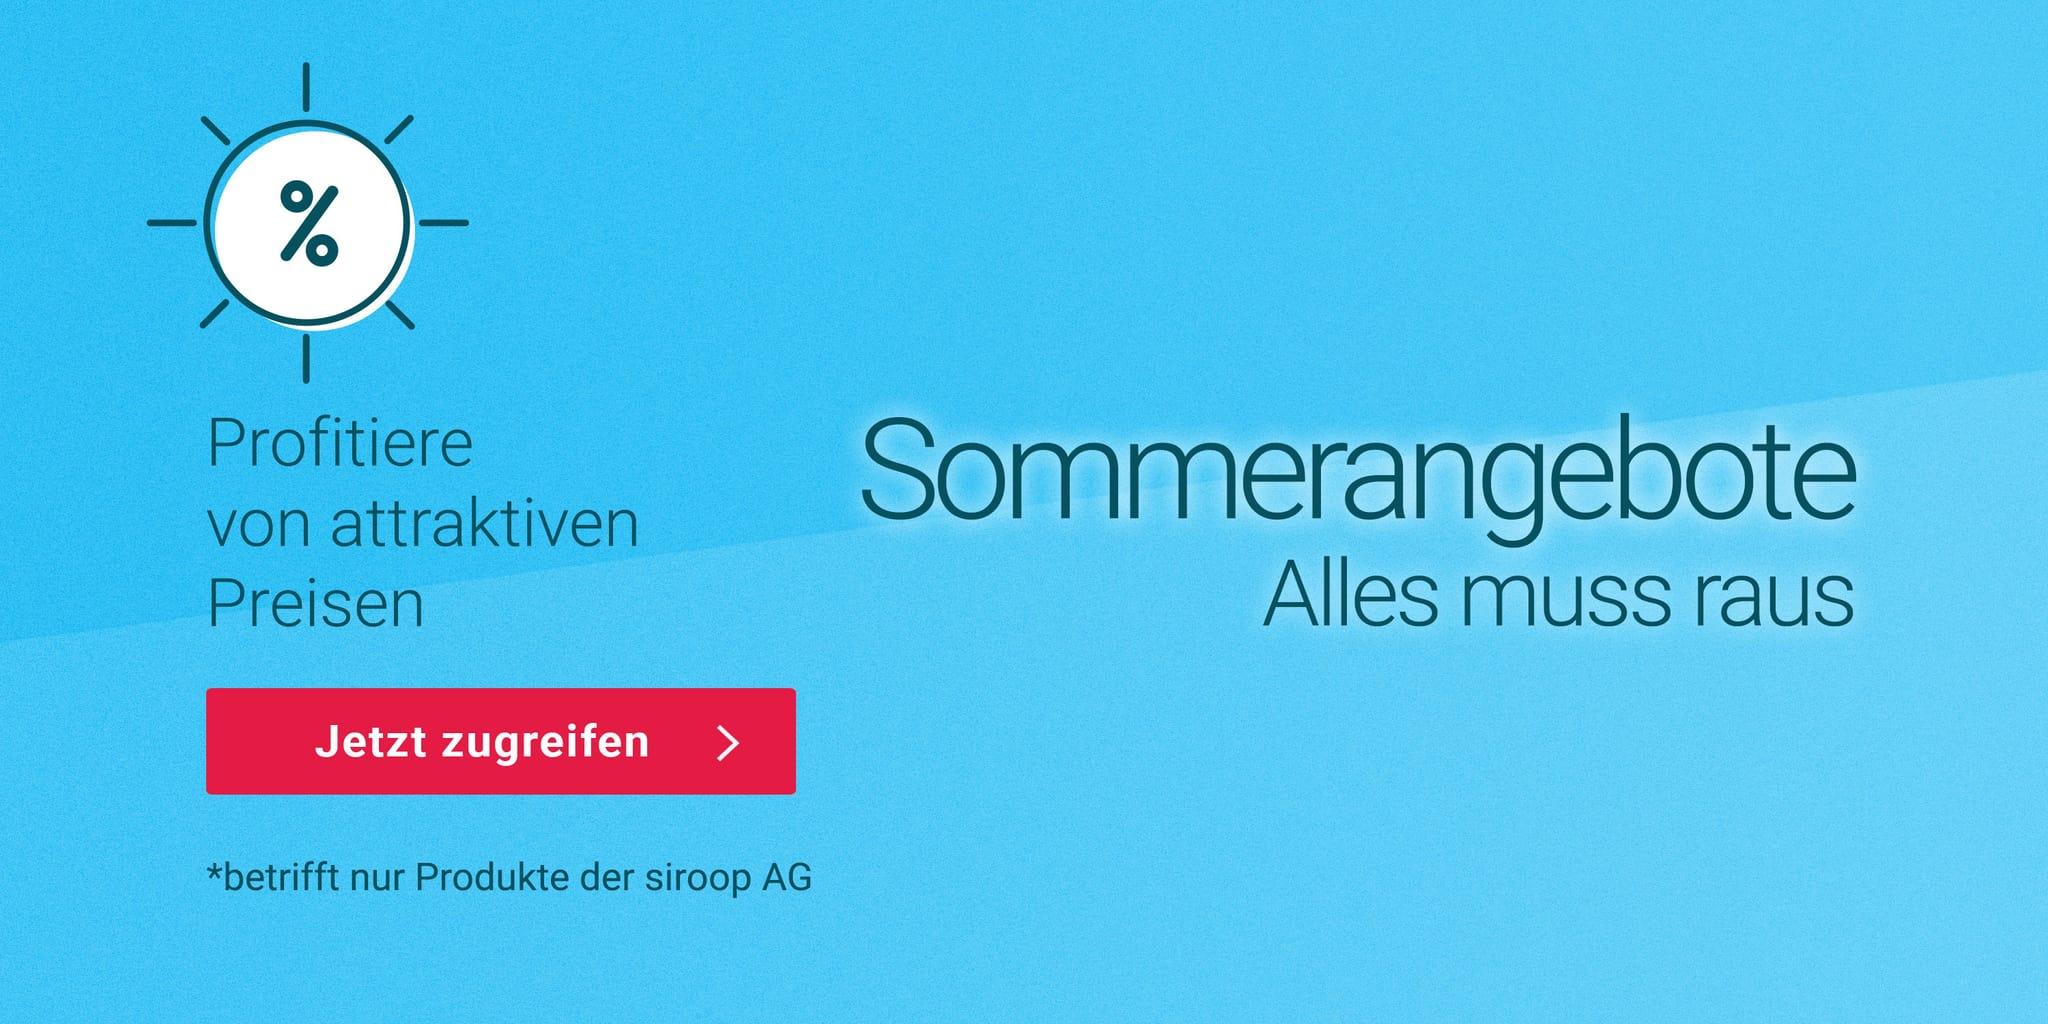 siroop - Dein Schweizer Onlineshop